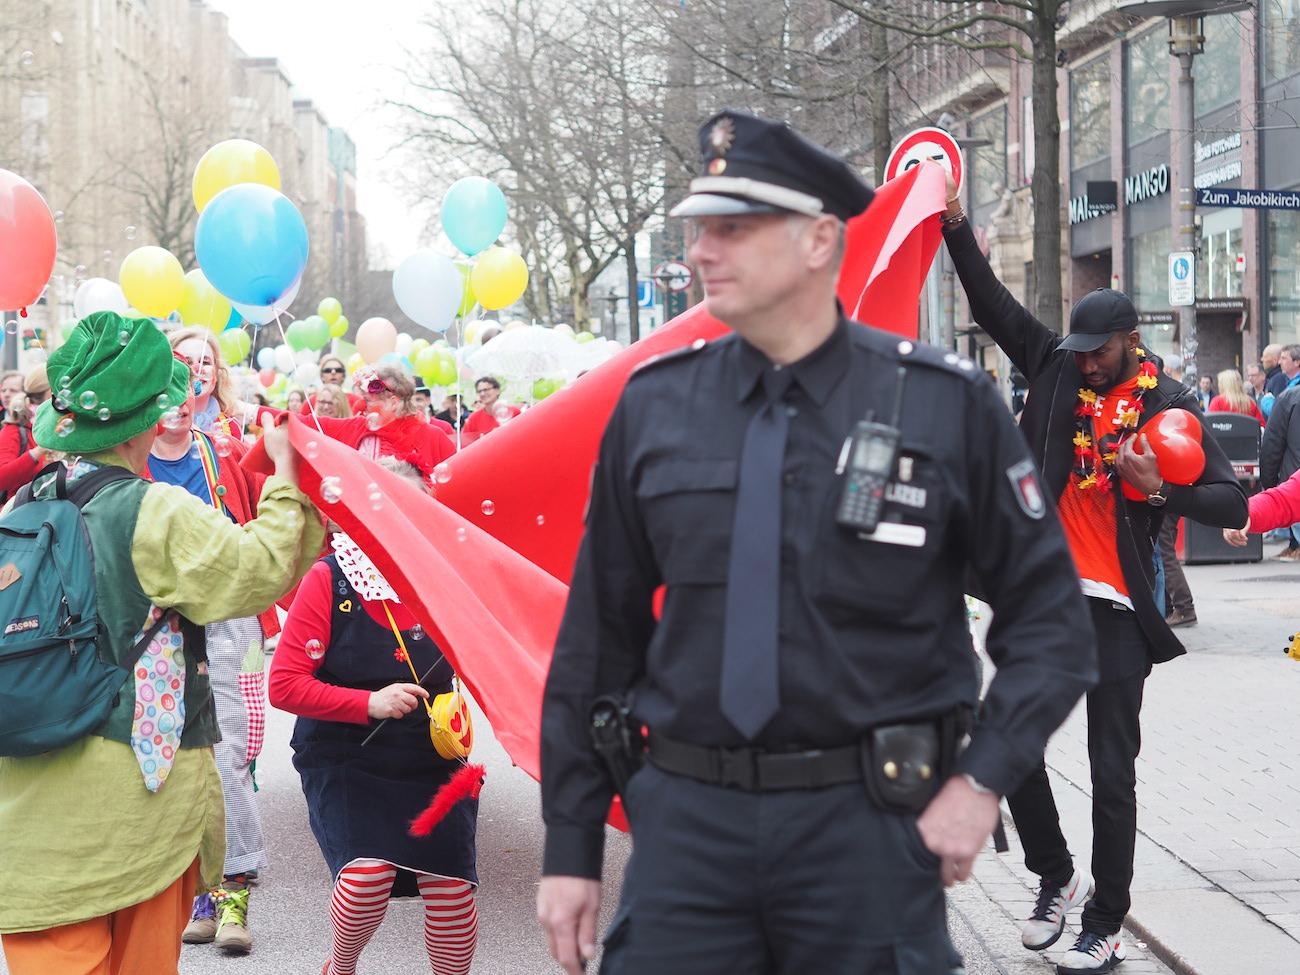 Friedlich, engagiert, gemeinsam – was für eine schöne Parade!